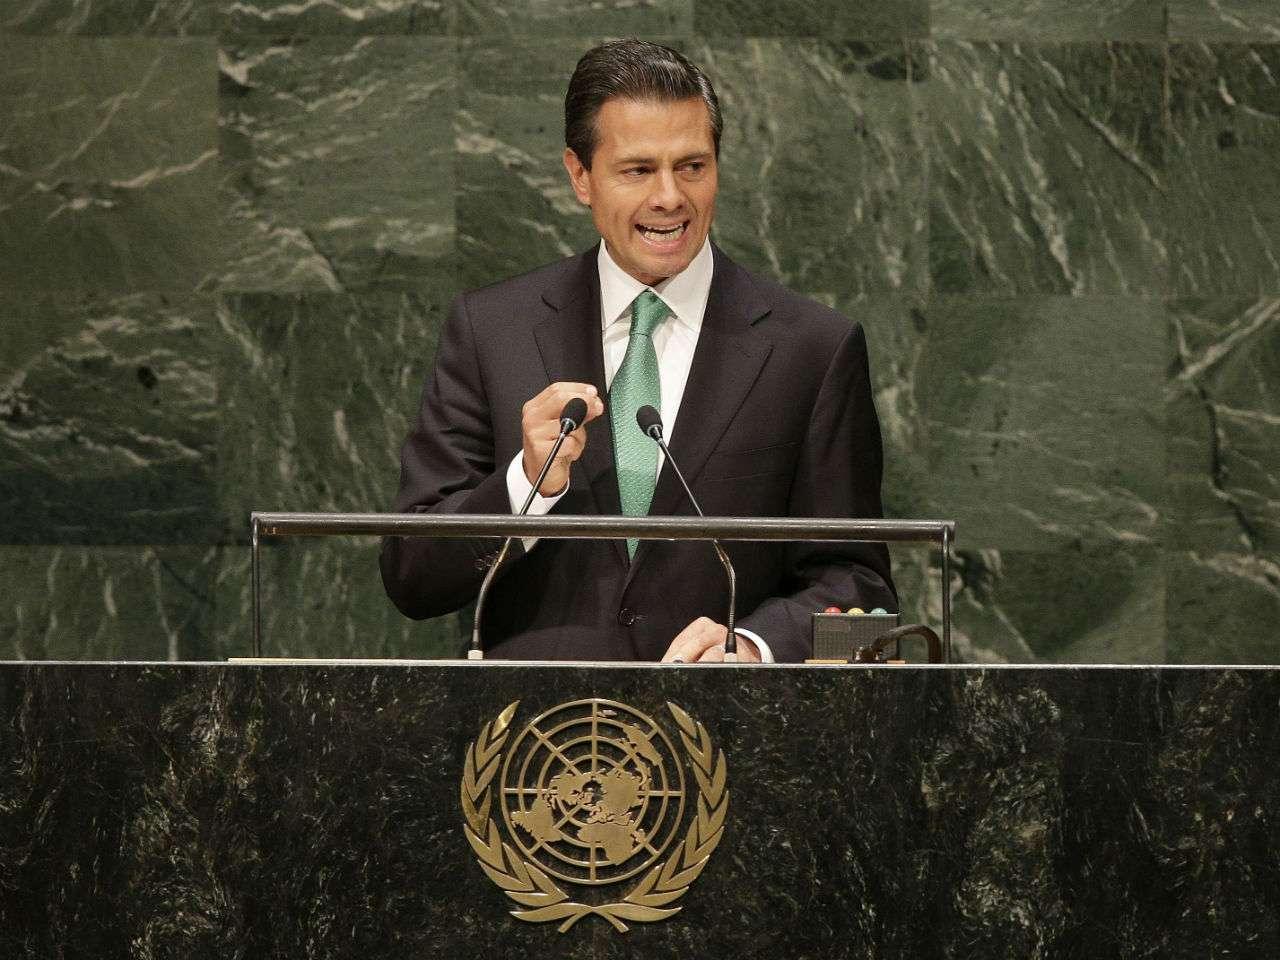 En la Asamblea General de las Naciones Unidas, Peña Nieto también llamó a atender las nuevas problemáticas que amenazan la integridad de derechos de niñas, niños y adolescentes. Foto: EFE en español